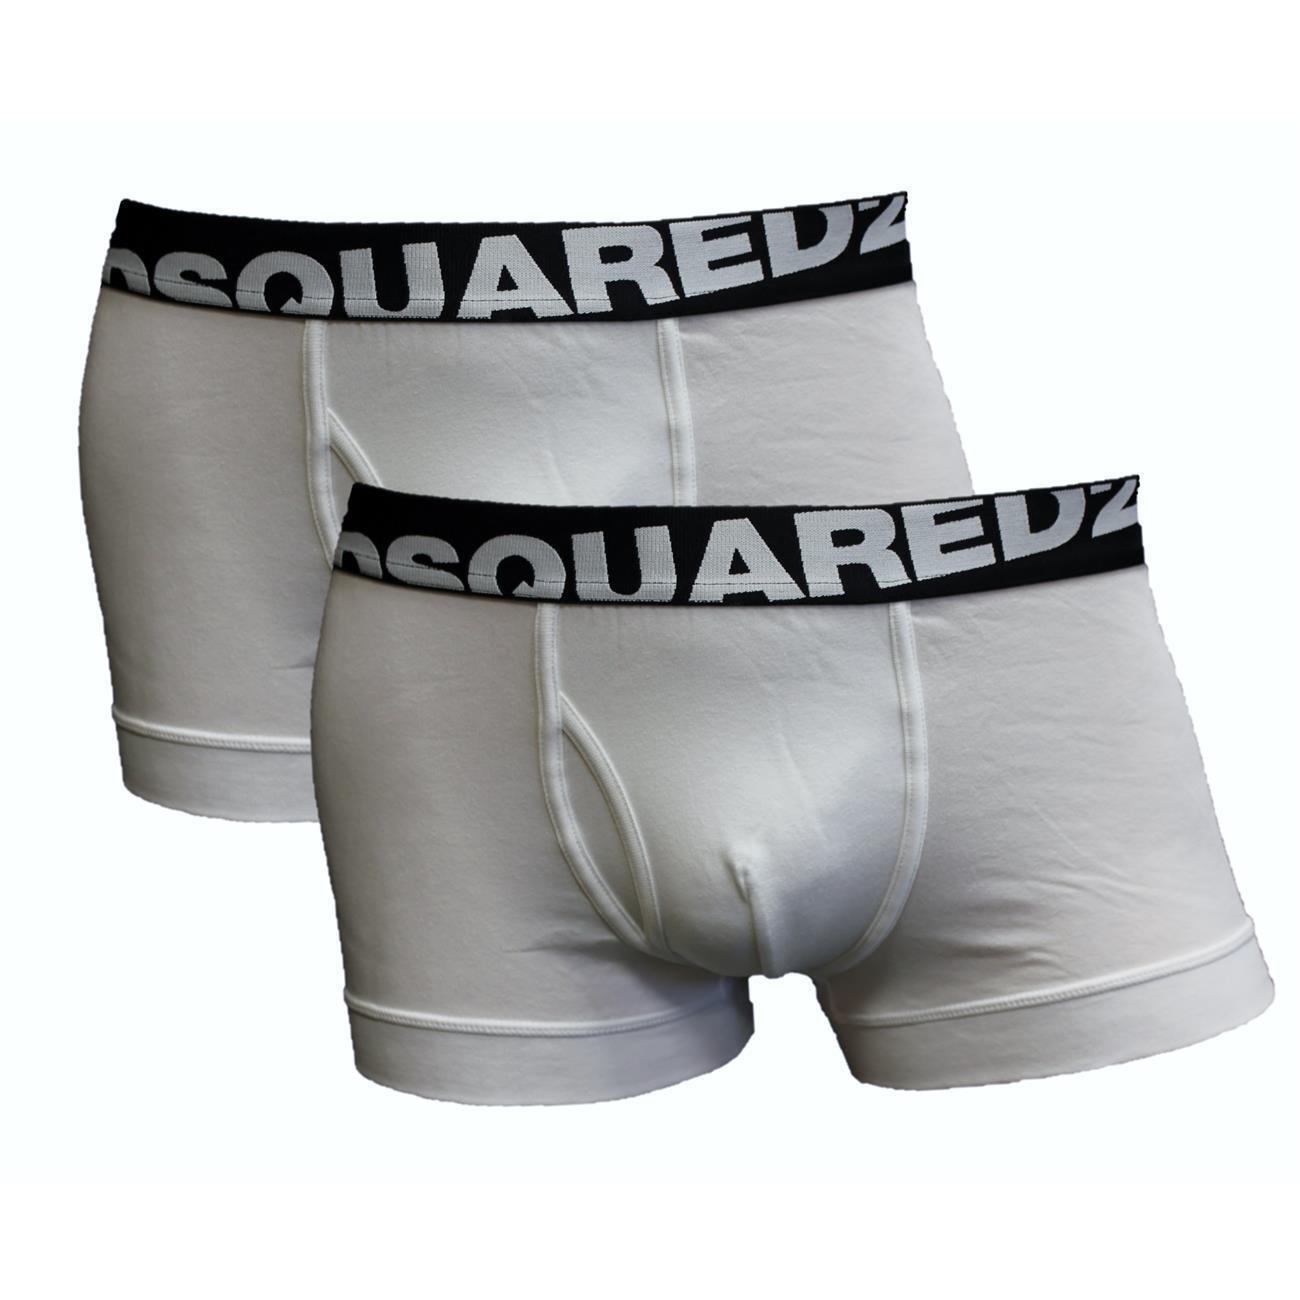 DSQUARED2 Lot Boxer de 2 Set Hommes Caleçons Pantalon Boxer Lot Coton Stretch Blanc Neuf 394525